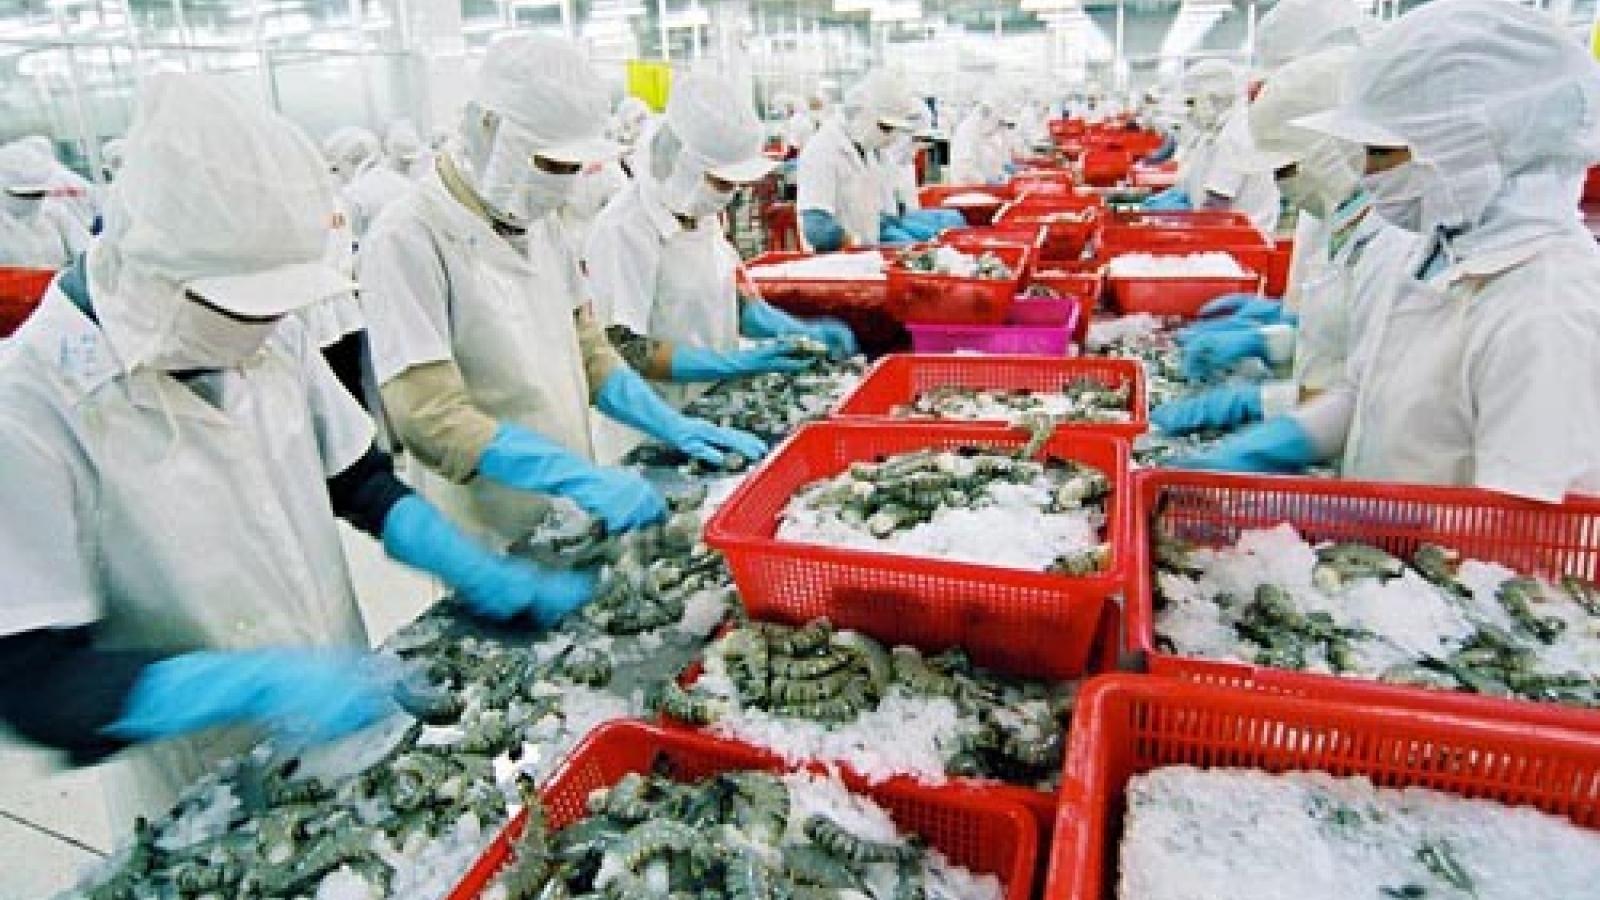 Ngành thủy sản khôi phục sản xuất sau dịch Covid-19